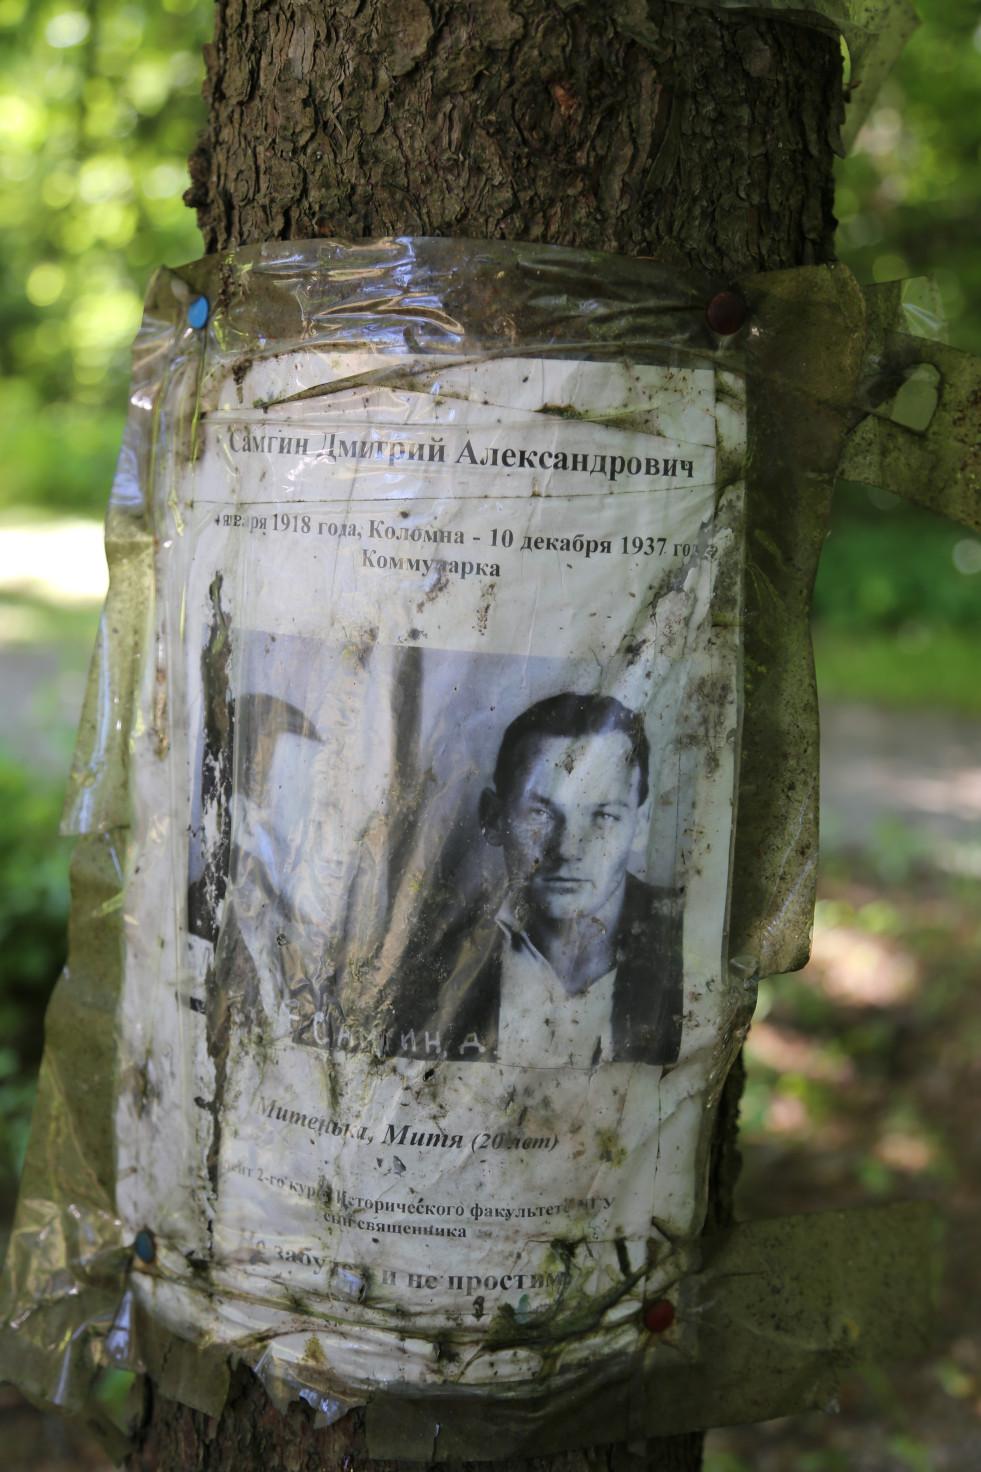 Памятный знак Д.А. Самгину. Фото 07.06.2018